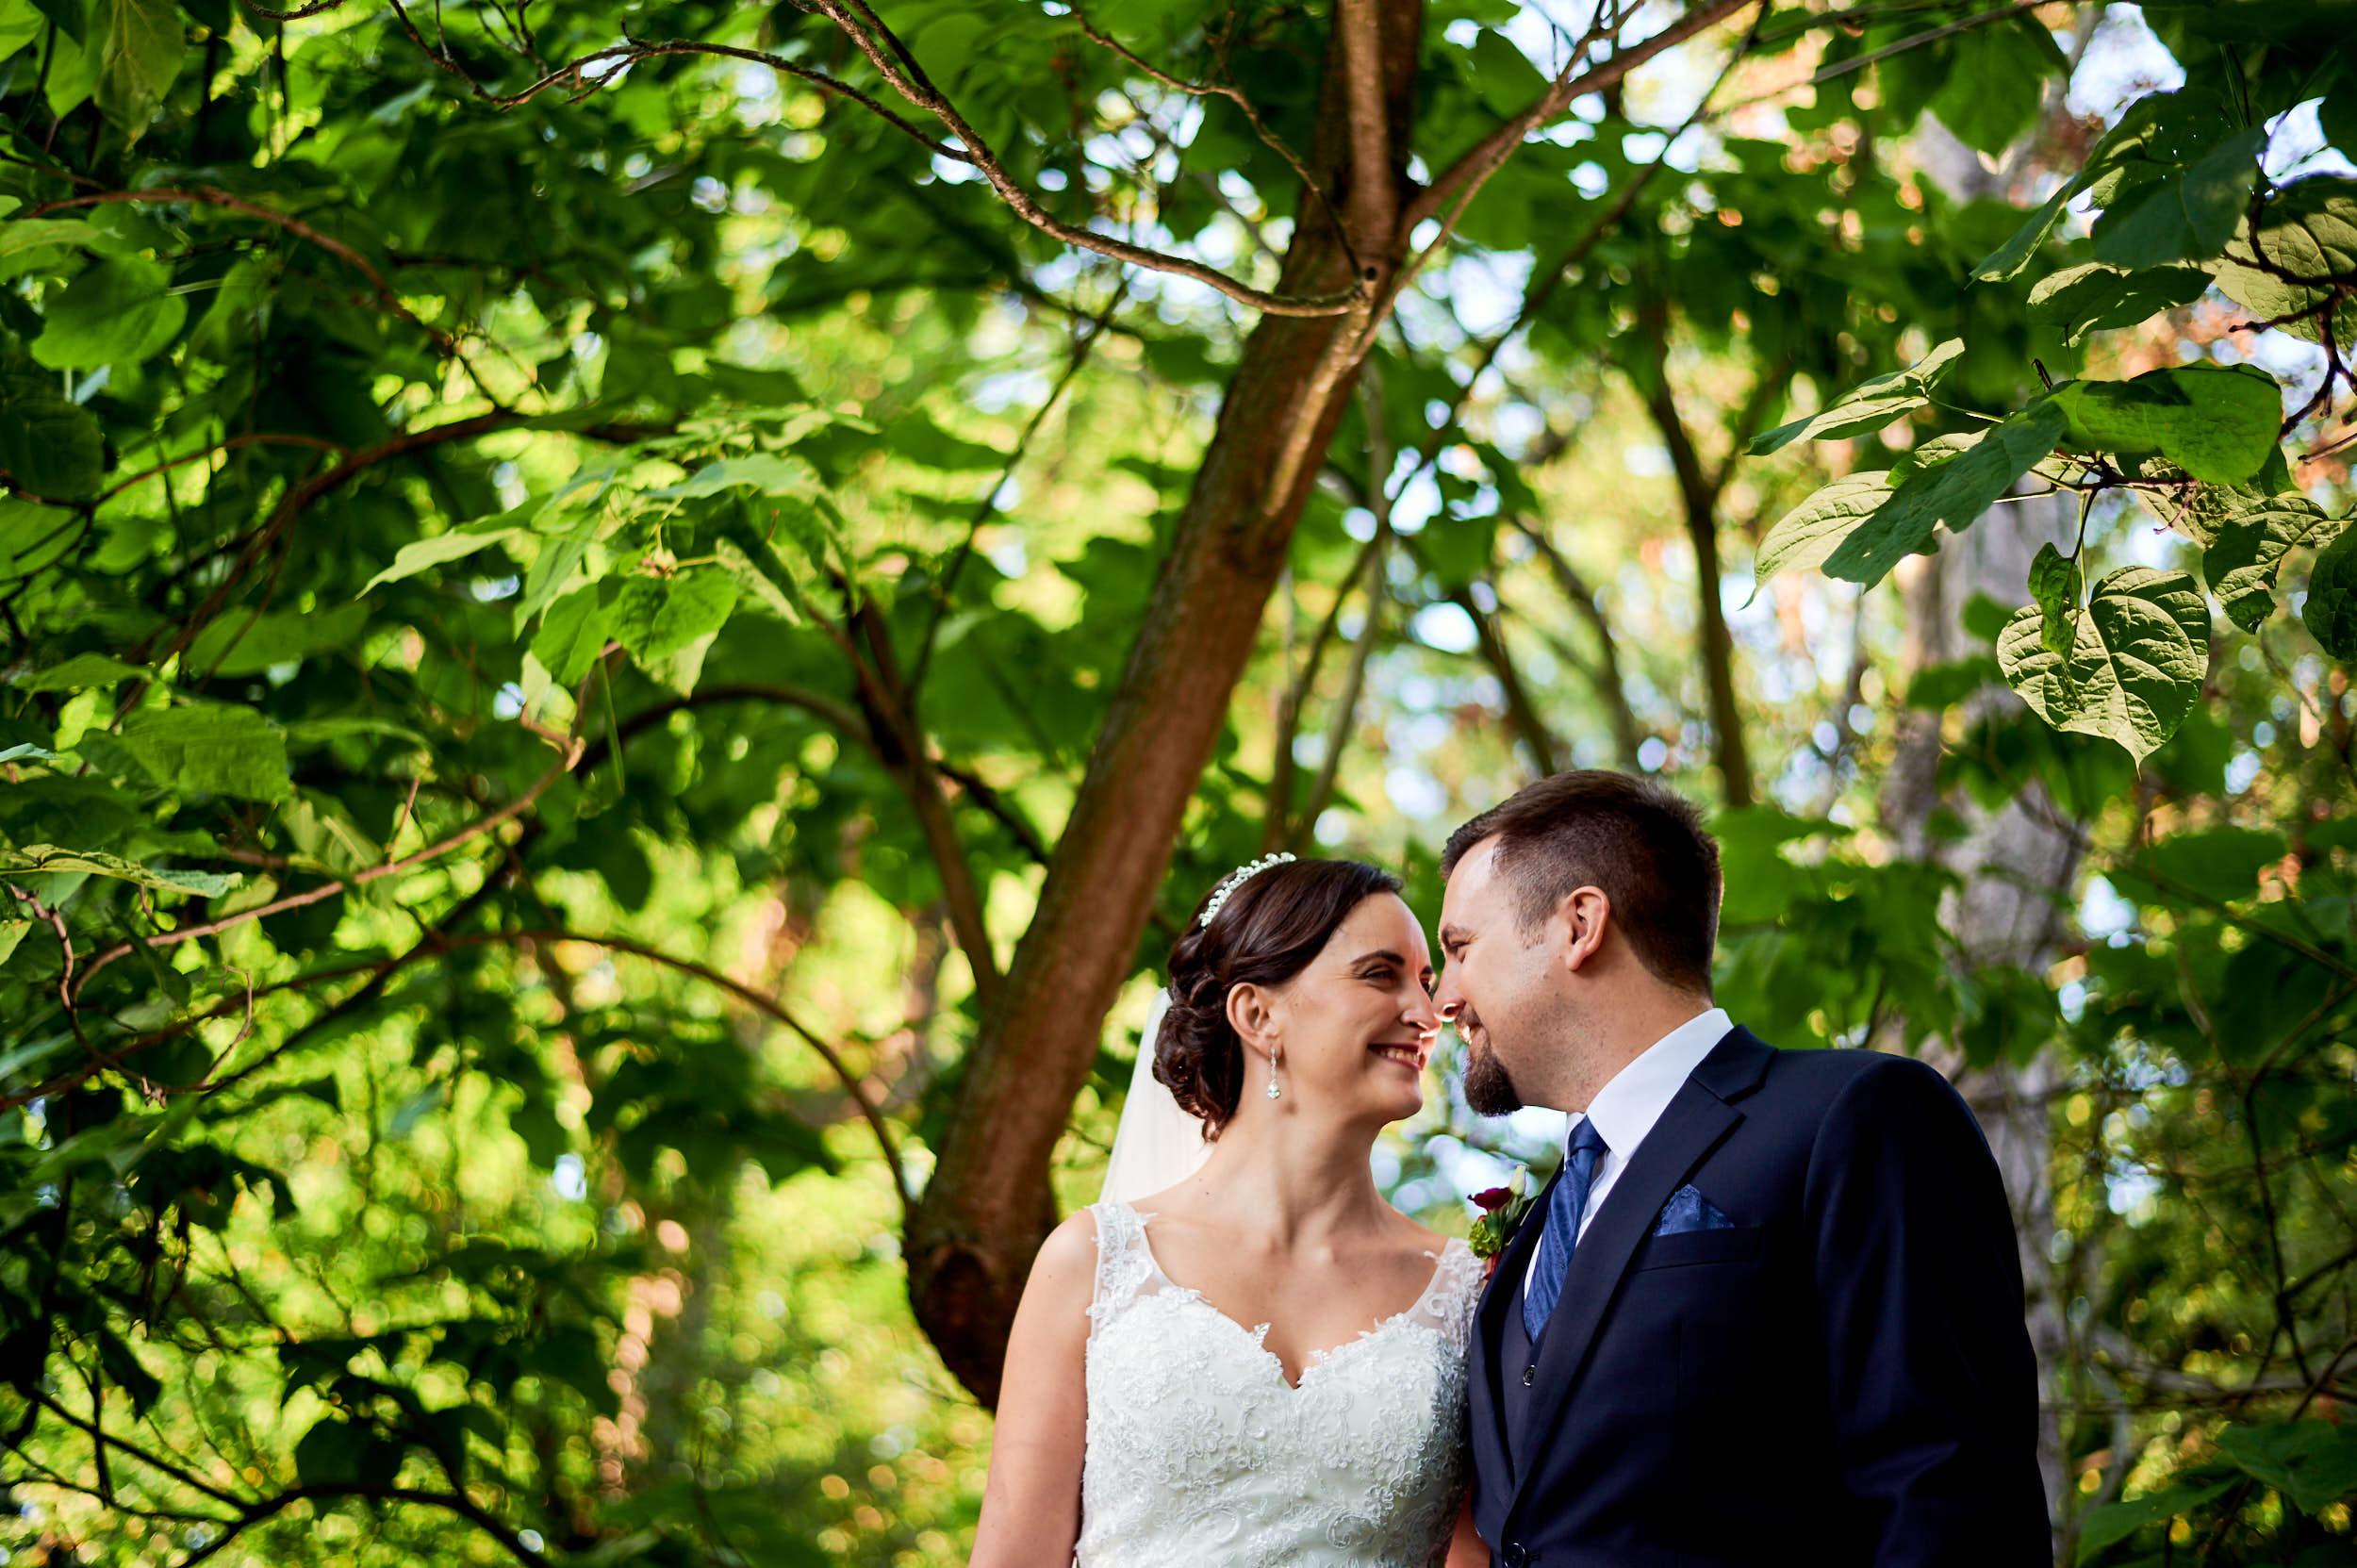 MW-Hochzeitsfotografie_Katharina & Peter_Hochzeitsfotos-379.jpg